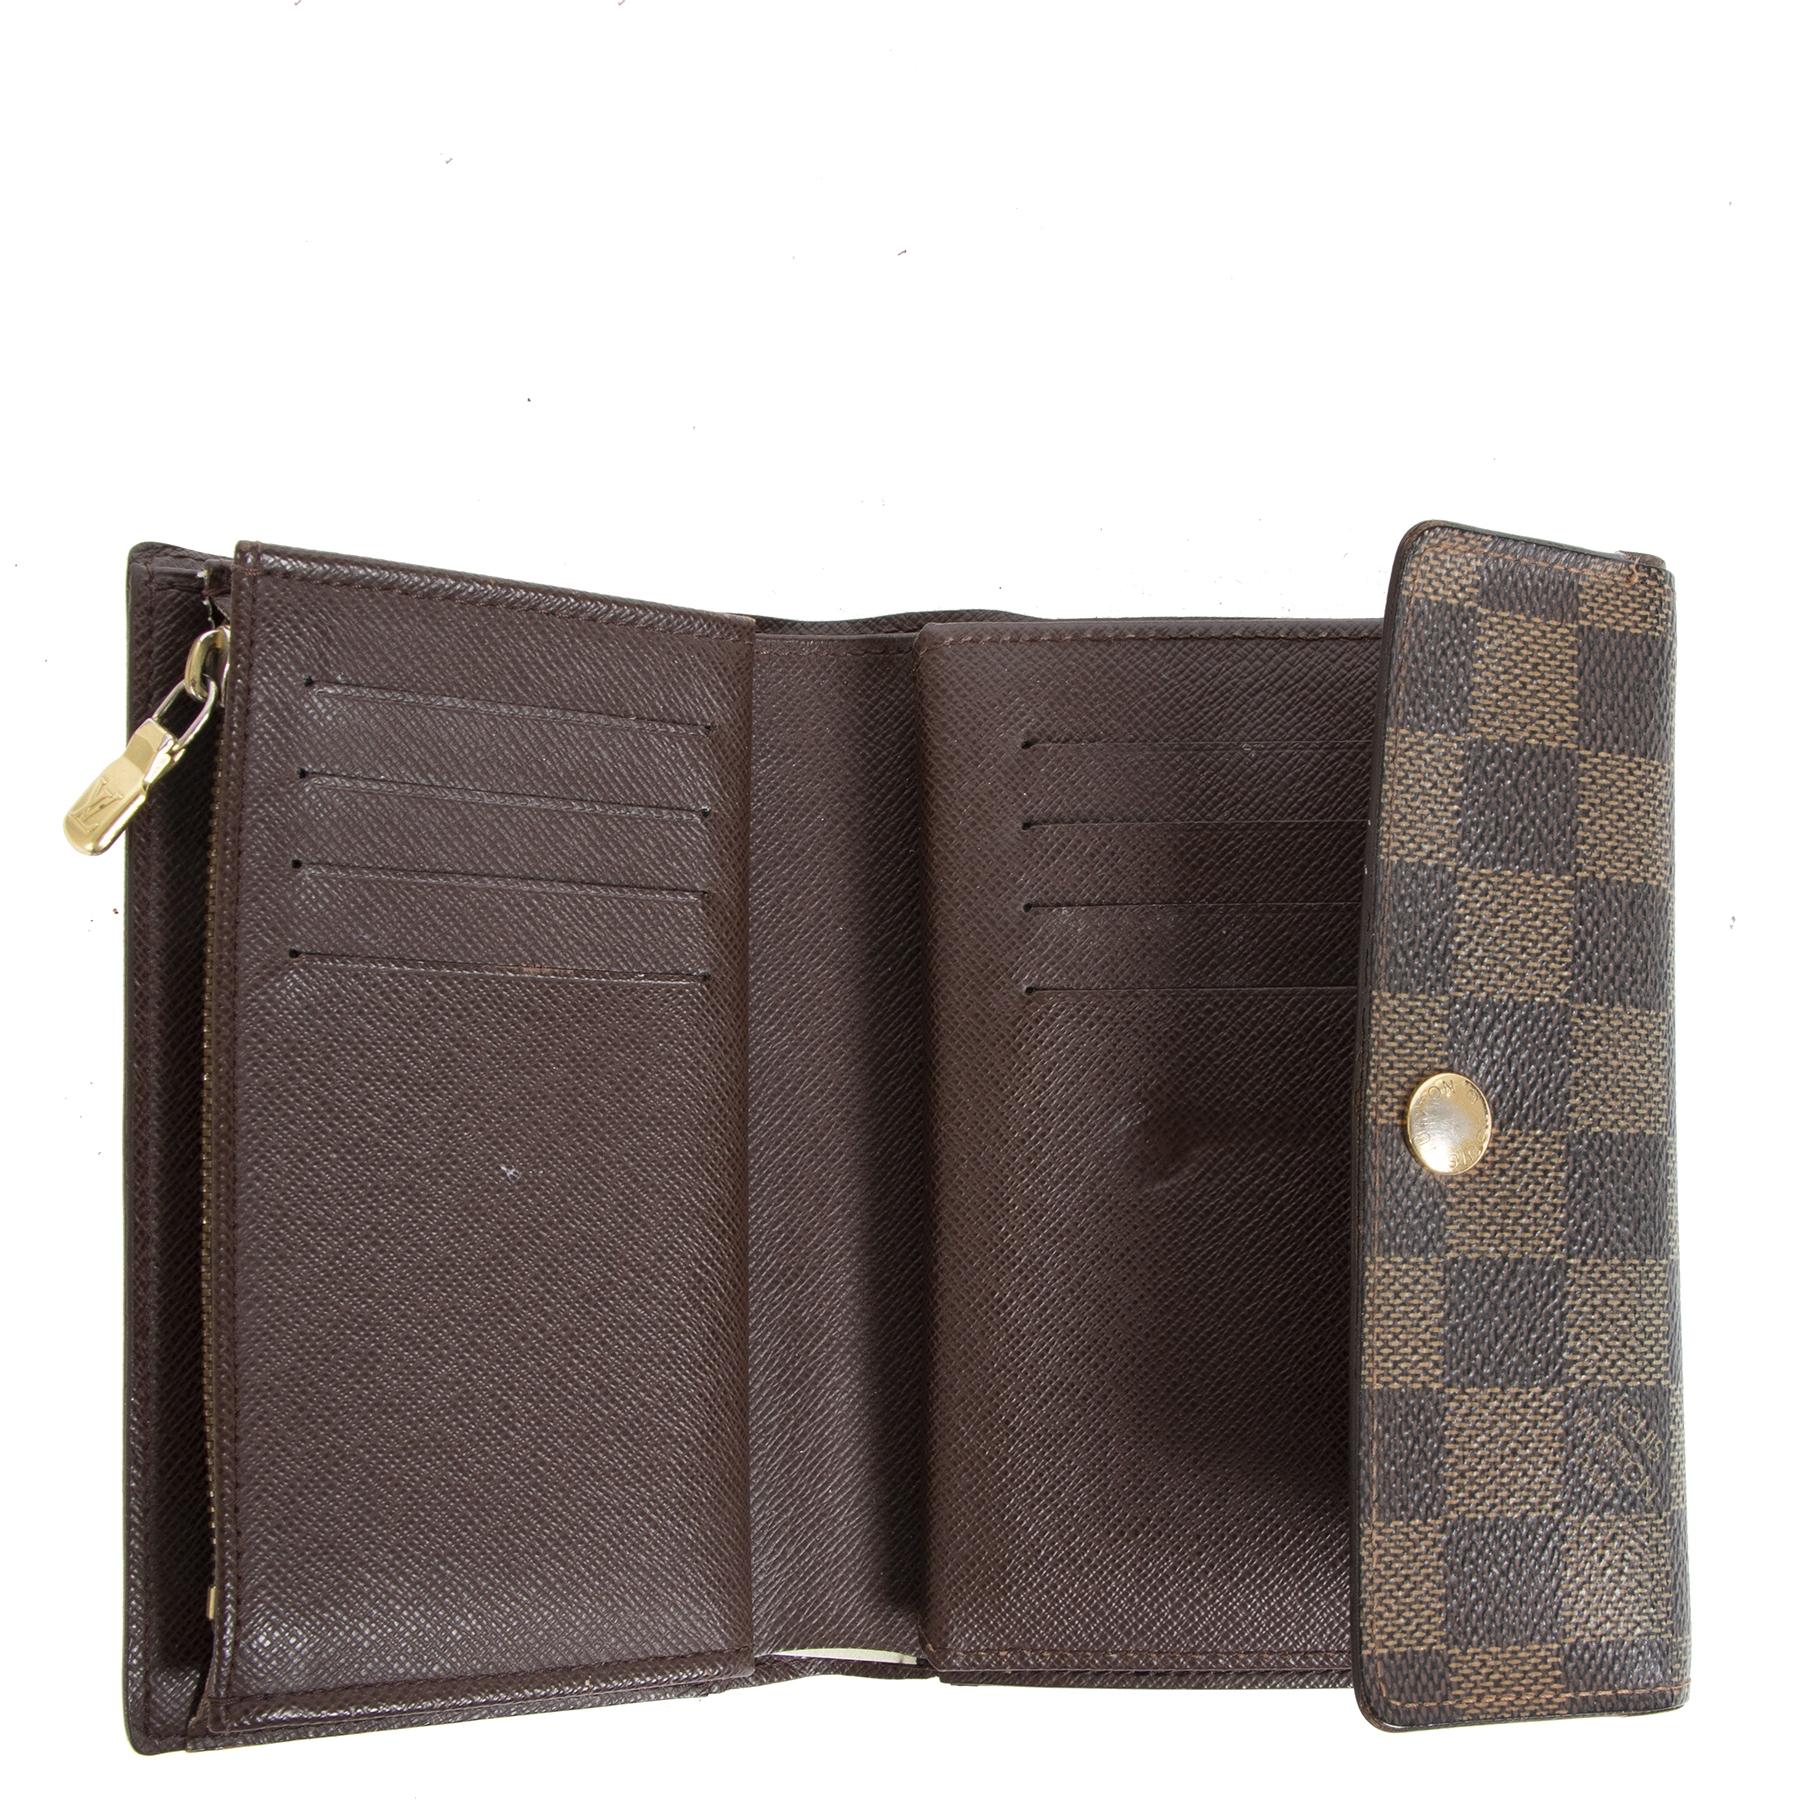 Koop en verkoop uw authentieke Louis Vuitton Damier Ebene Wallet